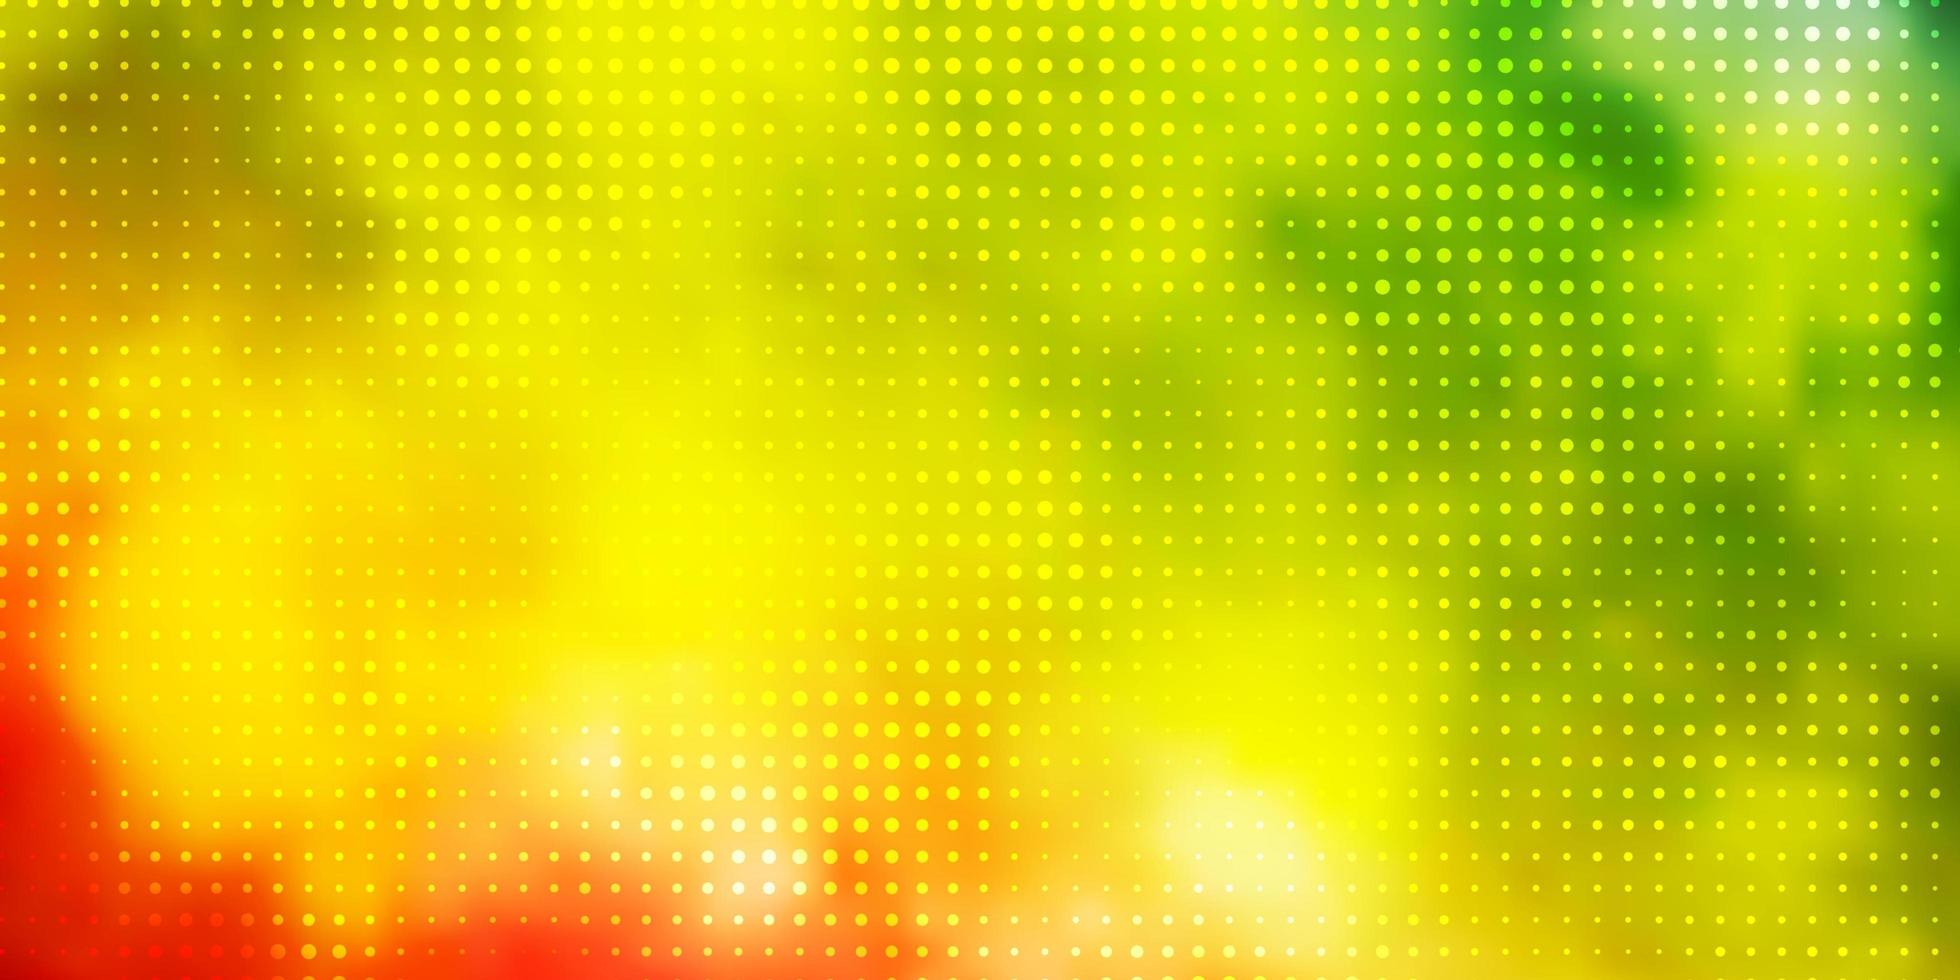 toile de fond de vecteur multicolore sombre avec des points.